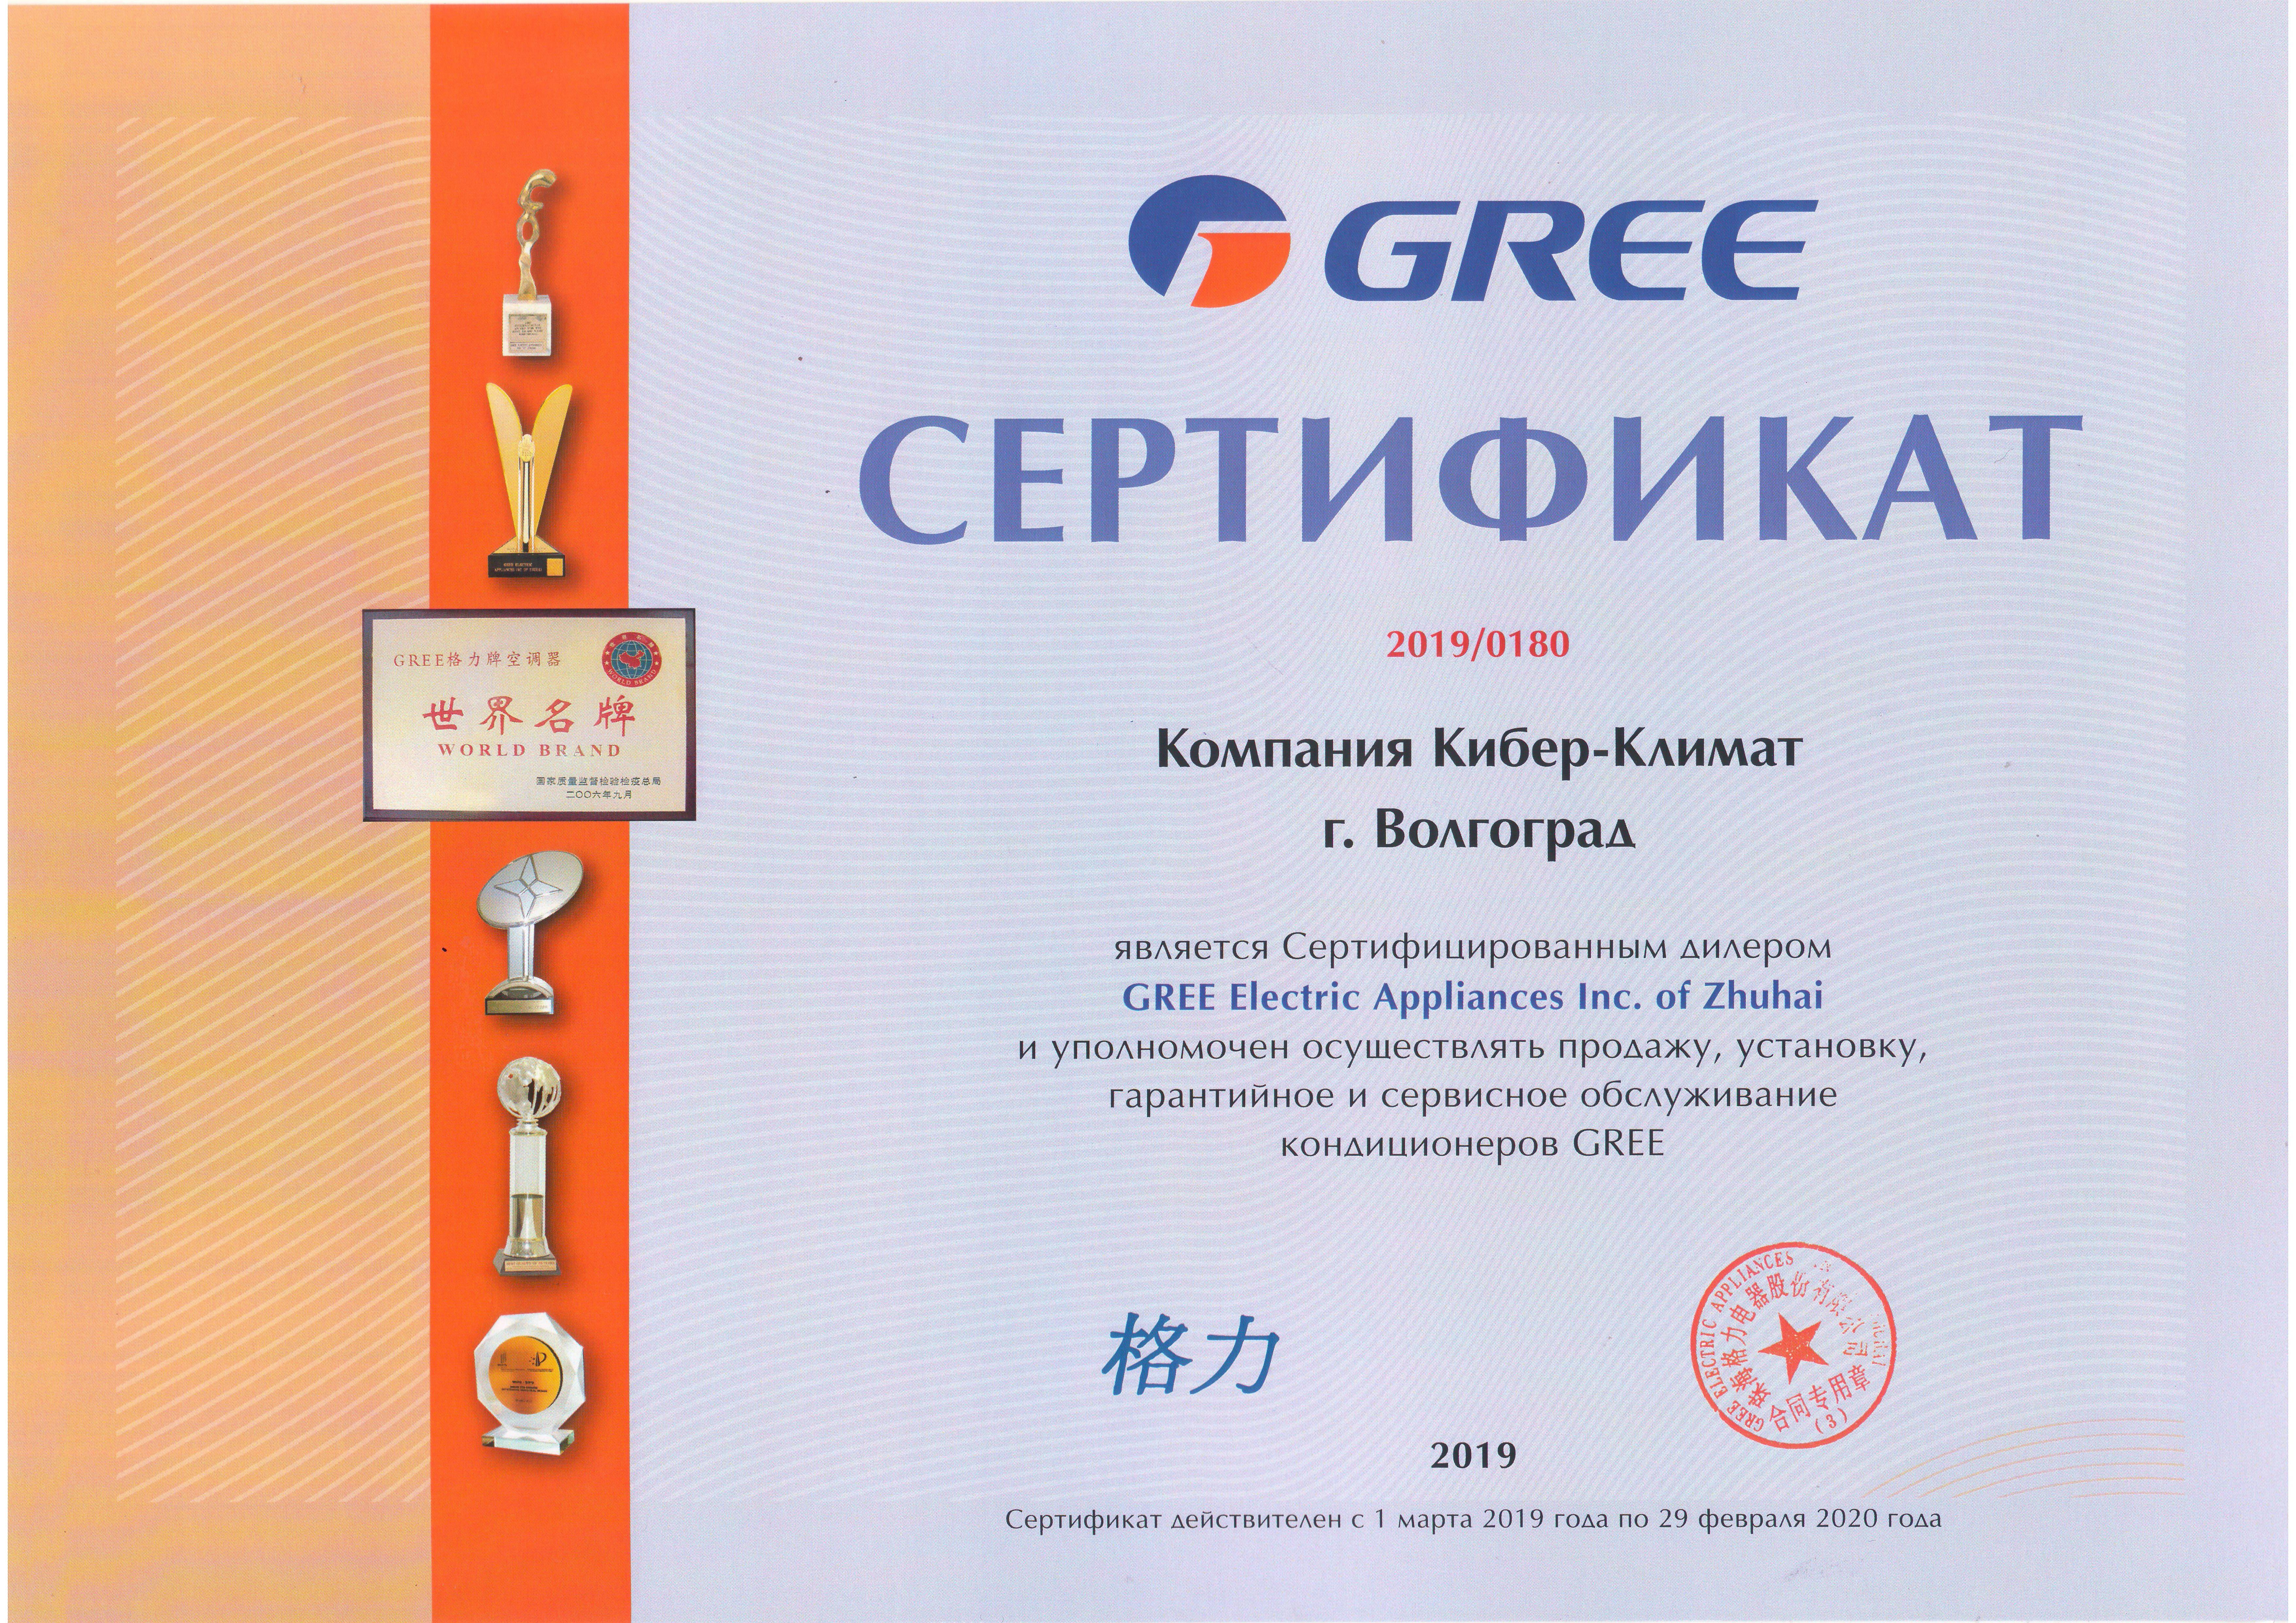 Сертификат Gree Кибер-Климат 2019